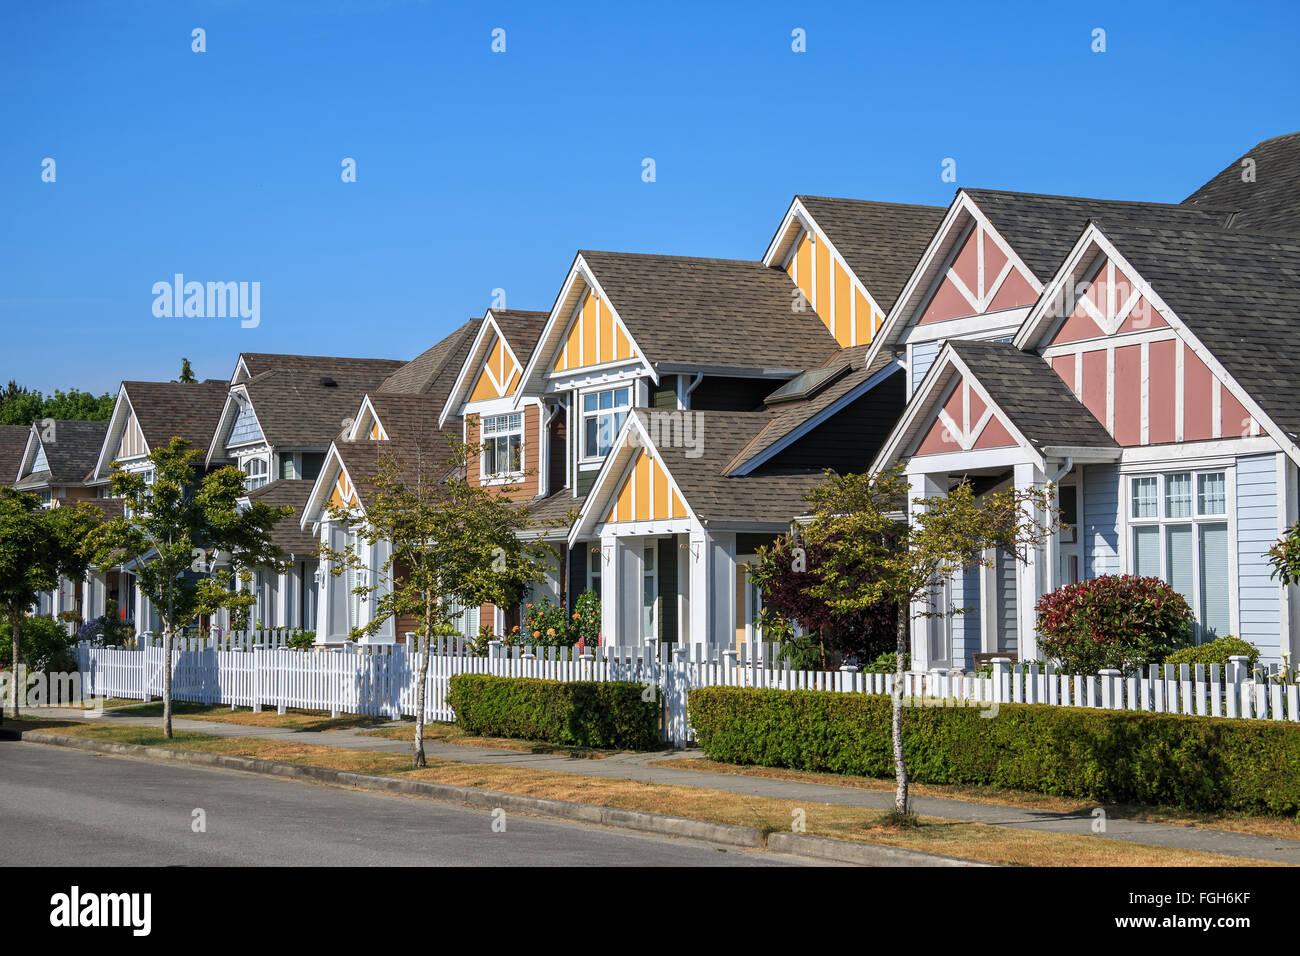 High Quality Eine Reihe Von Neuen Häusern In Richmond, British Columbia, Kanada.  Vorgärten Der Häuser Und Der Straße Mit Bäumen Und Sträuchern.